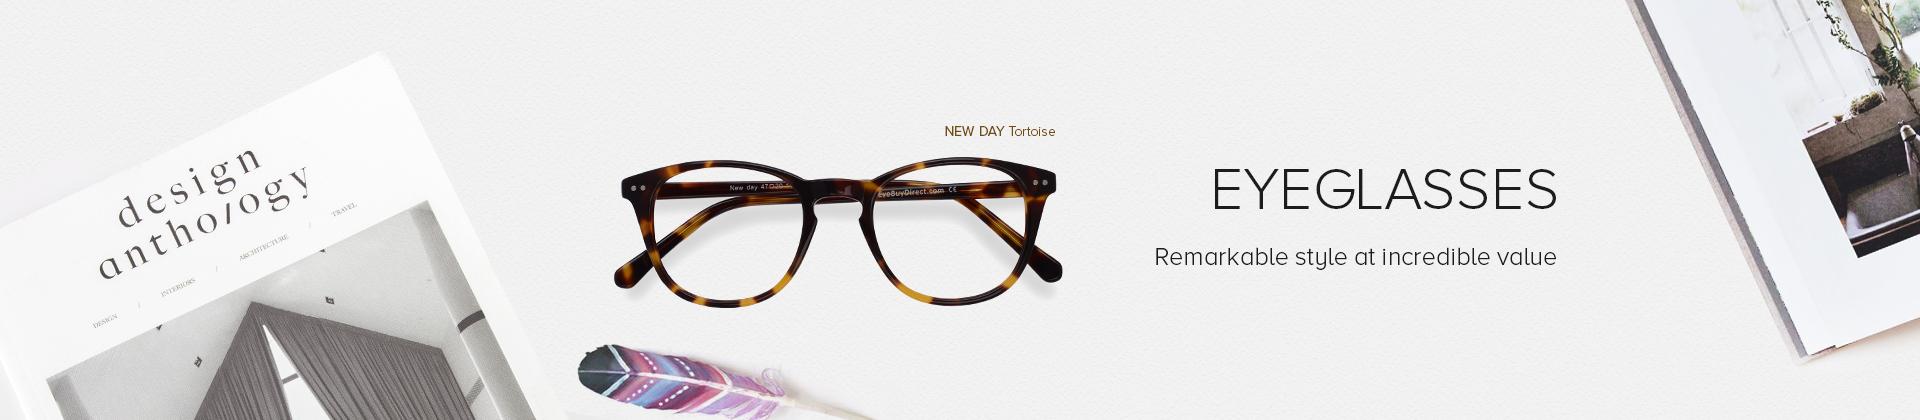 eyeglasses new lp